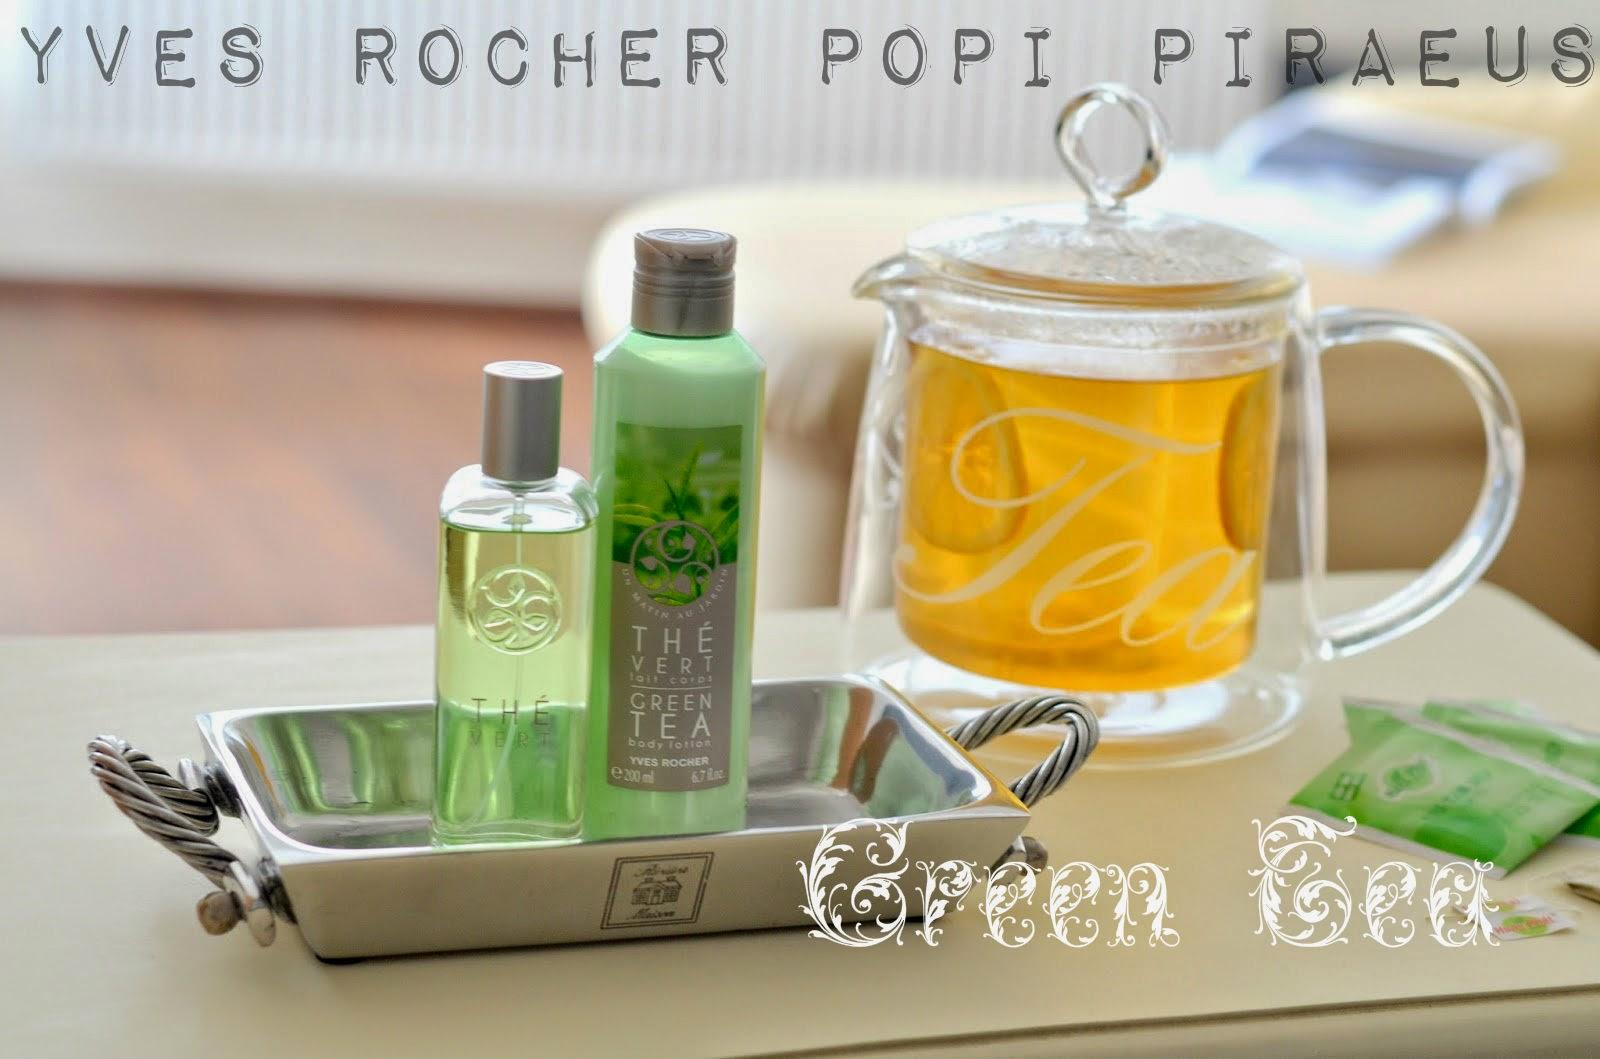 Πράσινο Τσάι για το σώμα μας και διαγωνισμός!